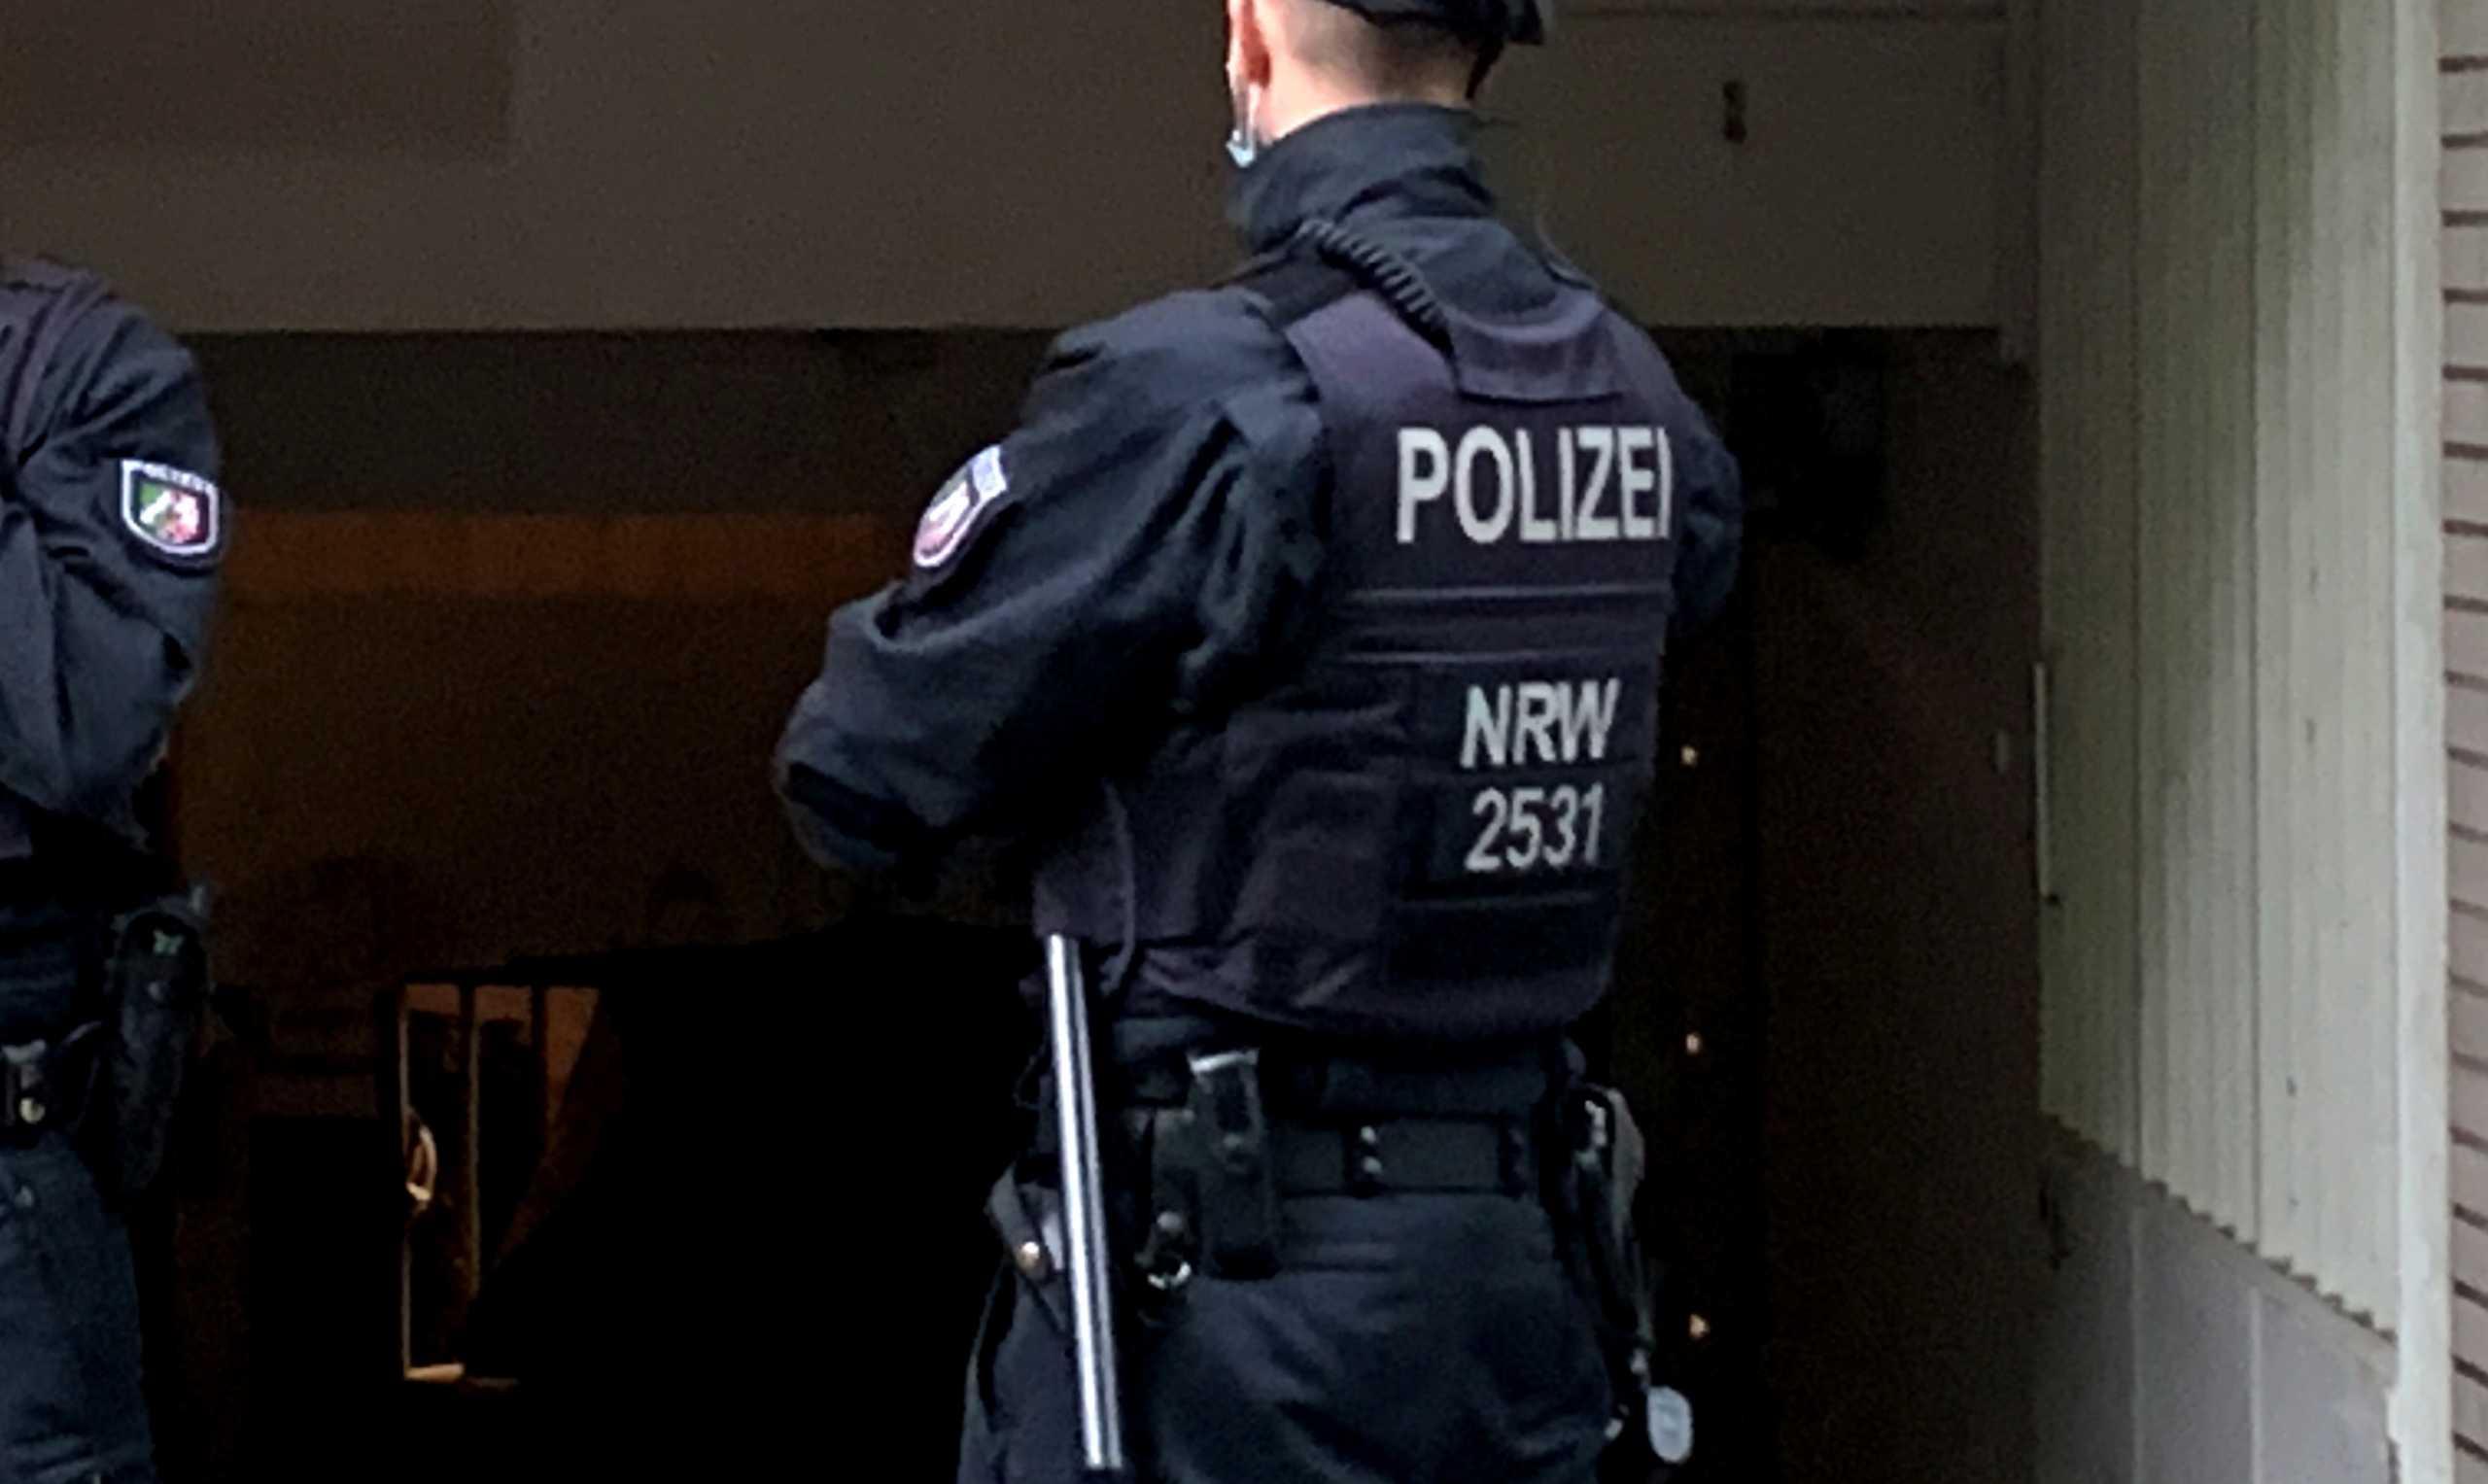 Γερμανία: Συνελήφθη άνδρας για αγορά εξαρτημάτων για οπλικά συστήματα για λογαριασμό της Ρωσίας